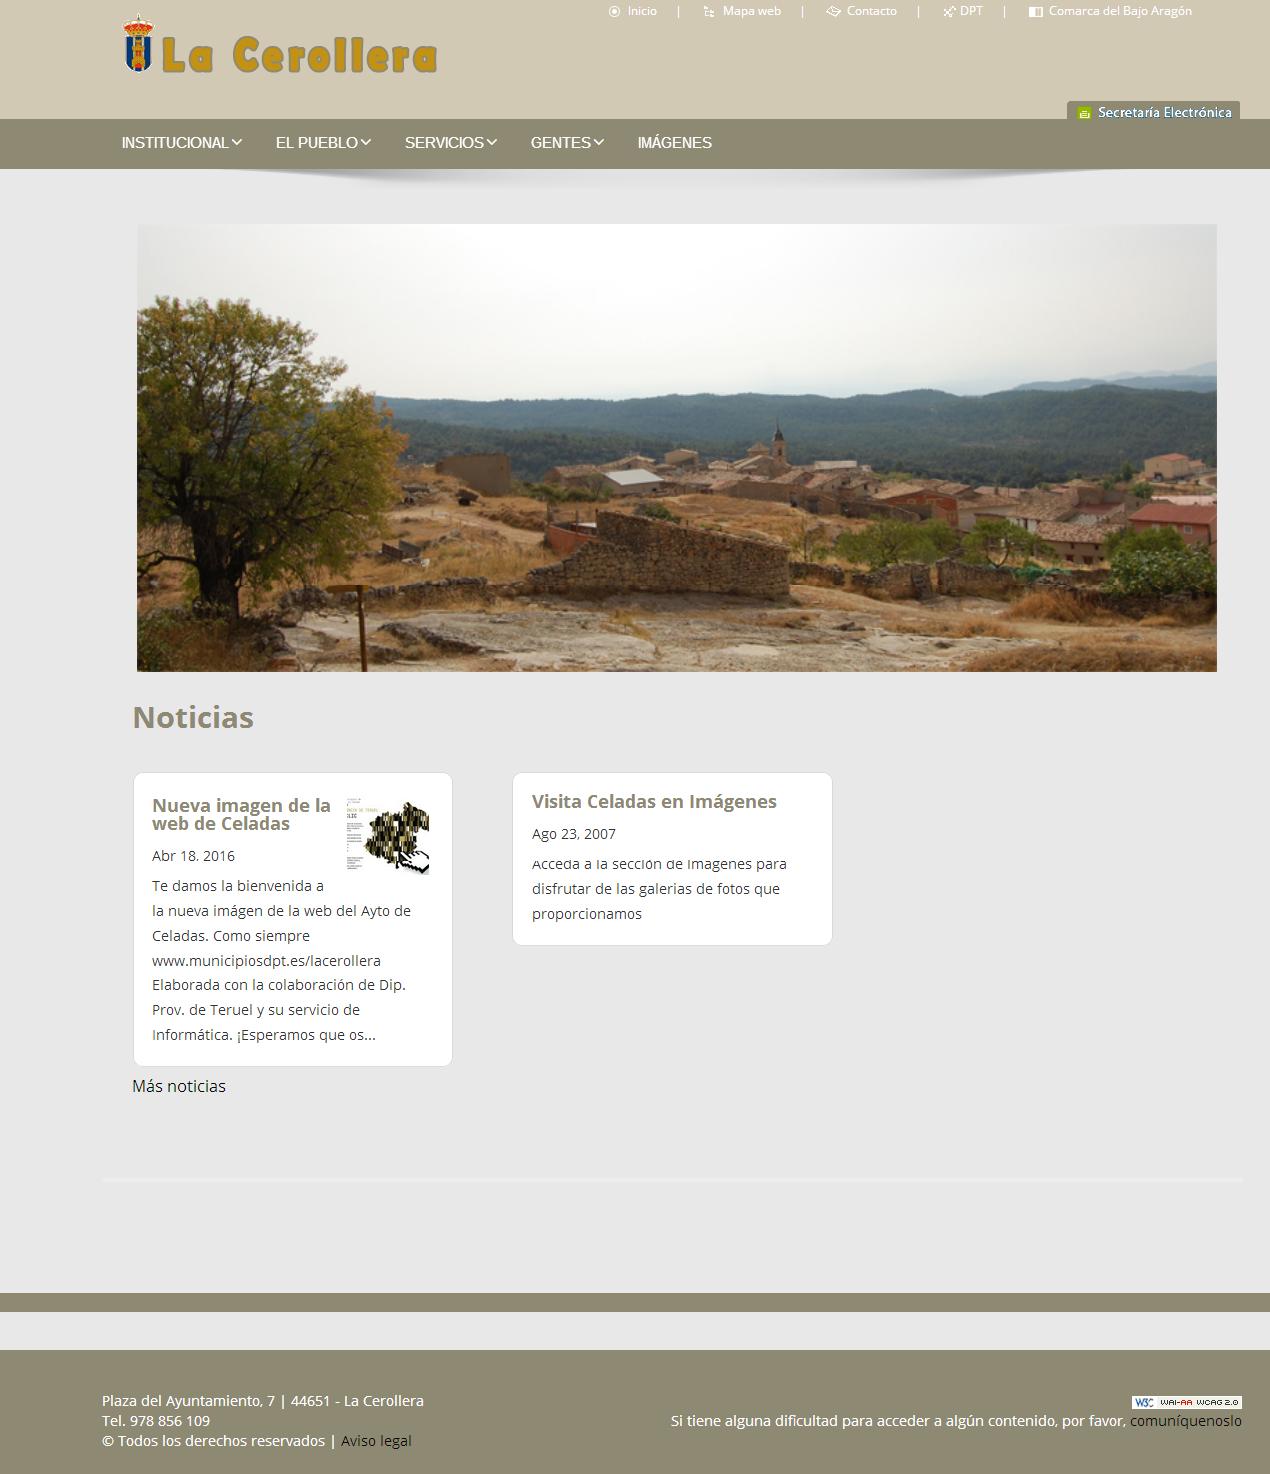 Nueva imagen de la web de La Cerollera